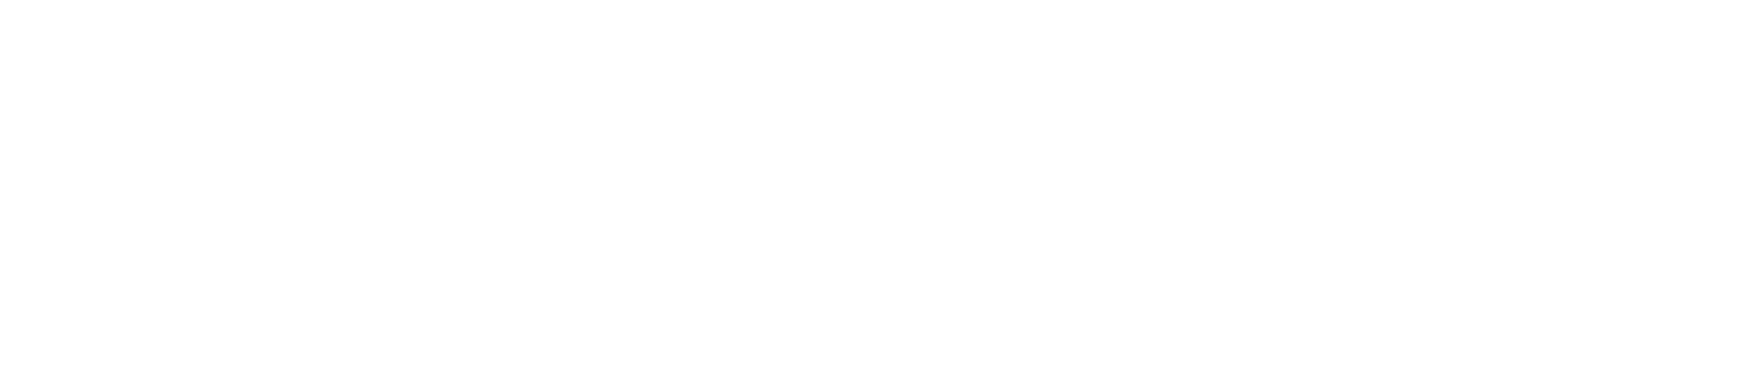 ProdRay